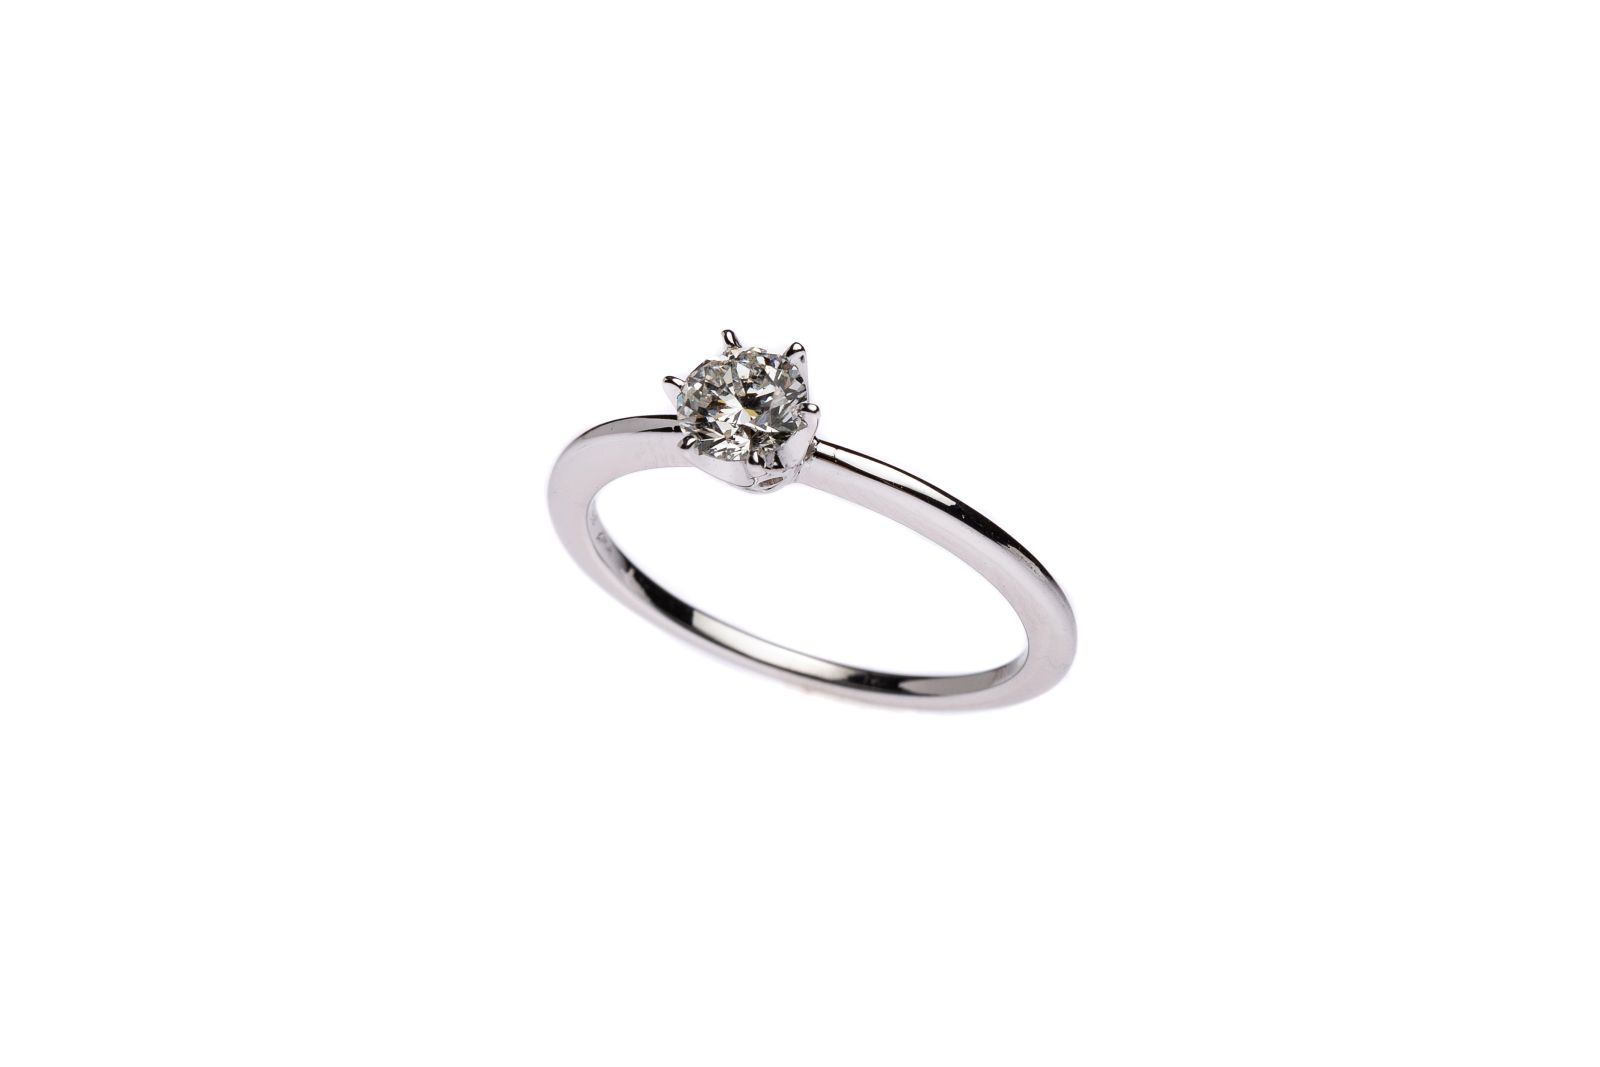 #167 Ring Image